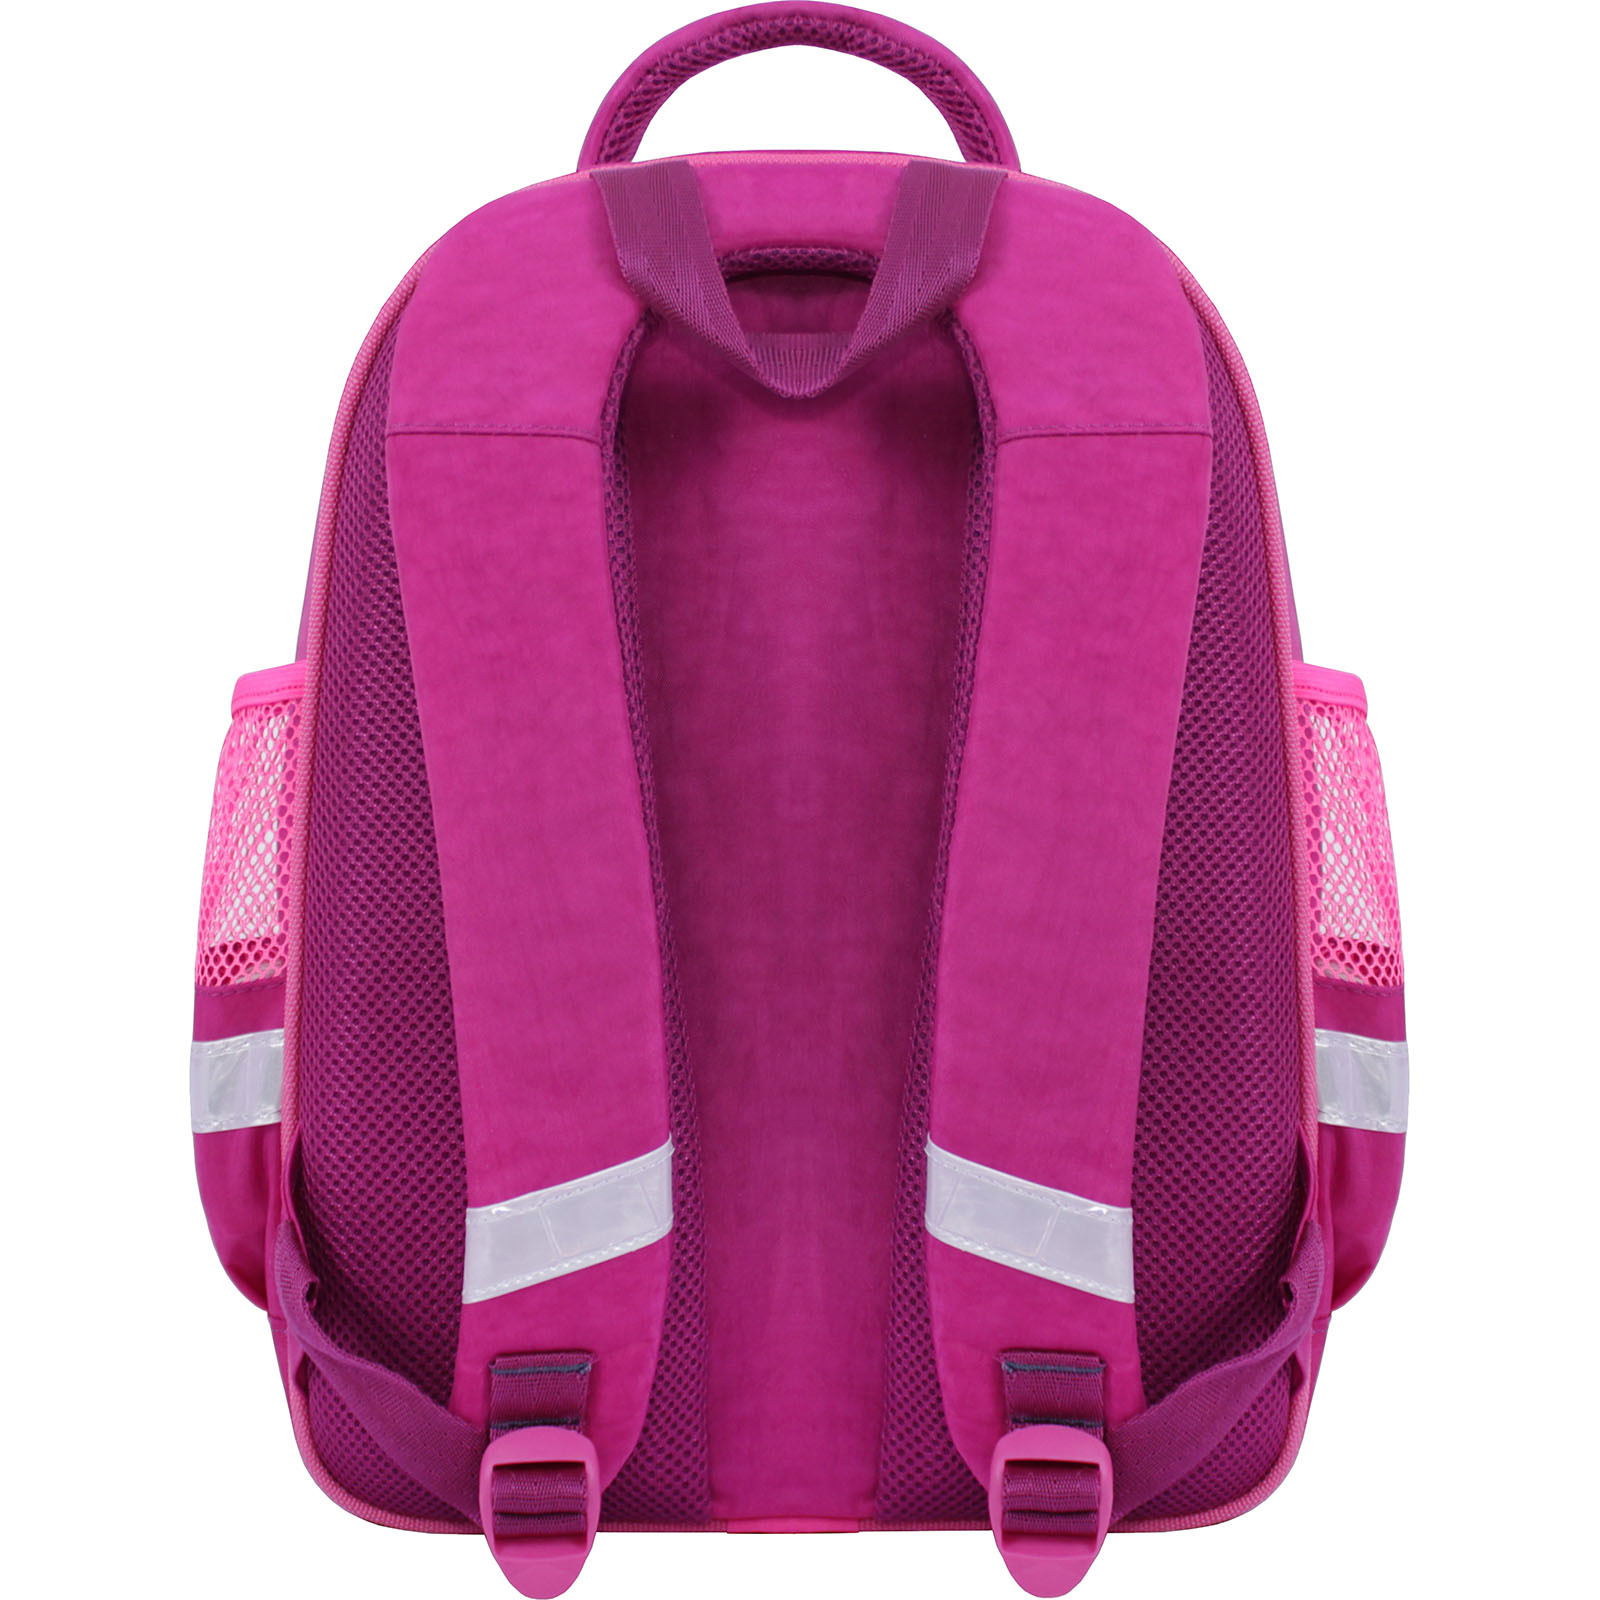 Рюкзак школьный Bagland Mouse 143 малиновый 512 (0051370) фото 3